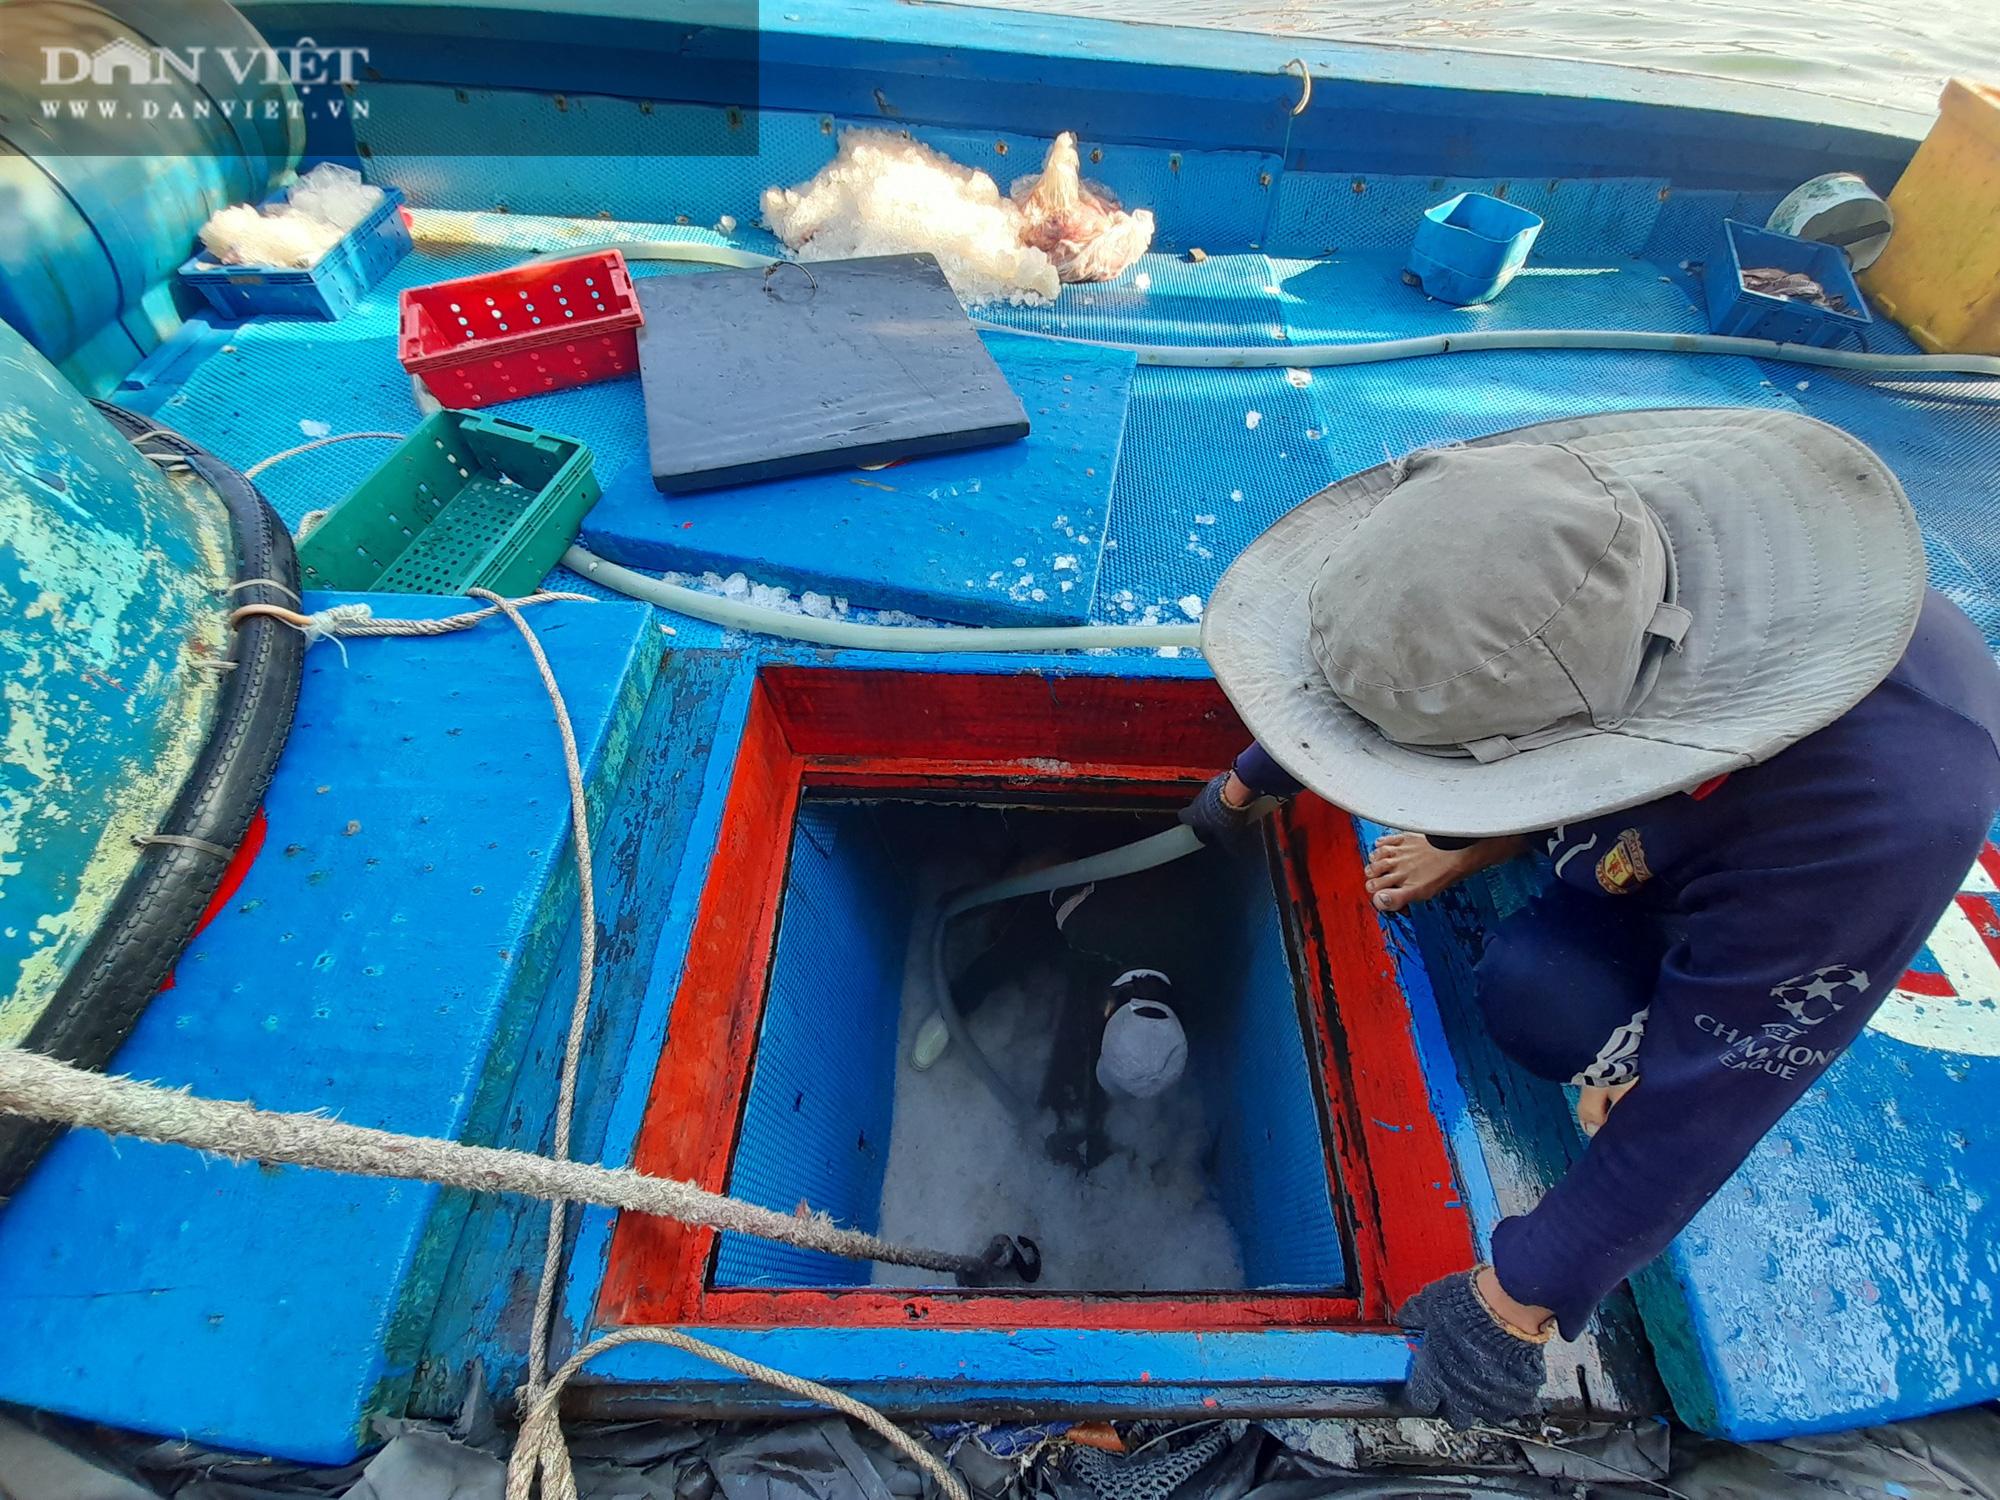 Cận cảnh đưa cá ngừ đại dương về bờ sau chuyến biển xuyên Tết - Ảnh 2.